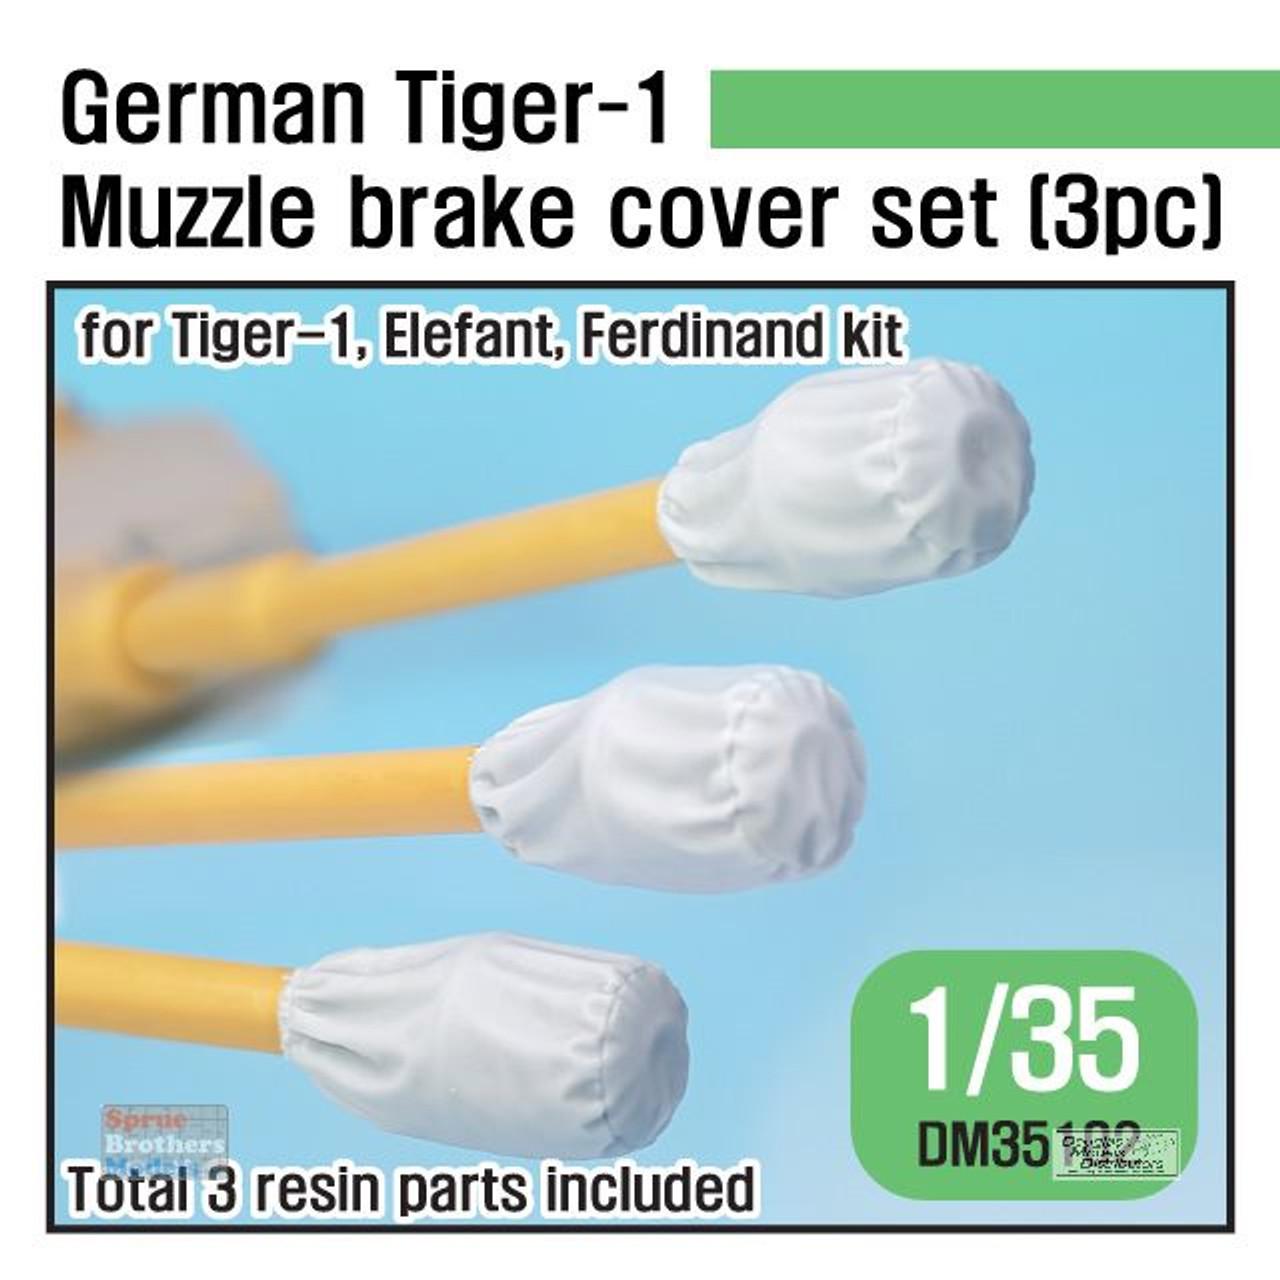 DEFDM35102 1:35 DEF Model German Tiger 1/Elefant/Ferdinand Muzzle Brake Cover Set (3 pcs)